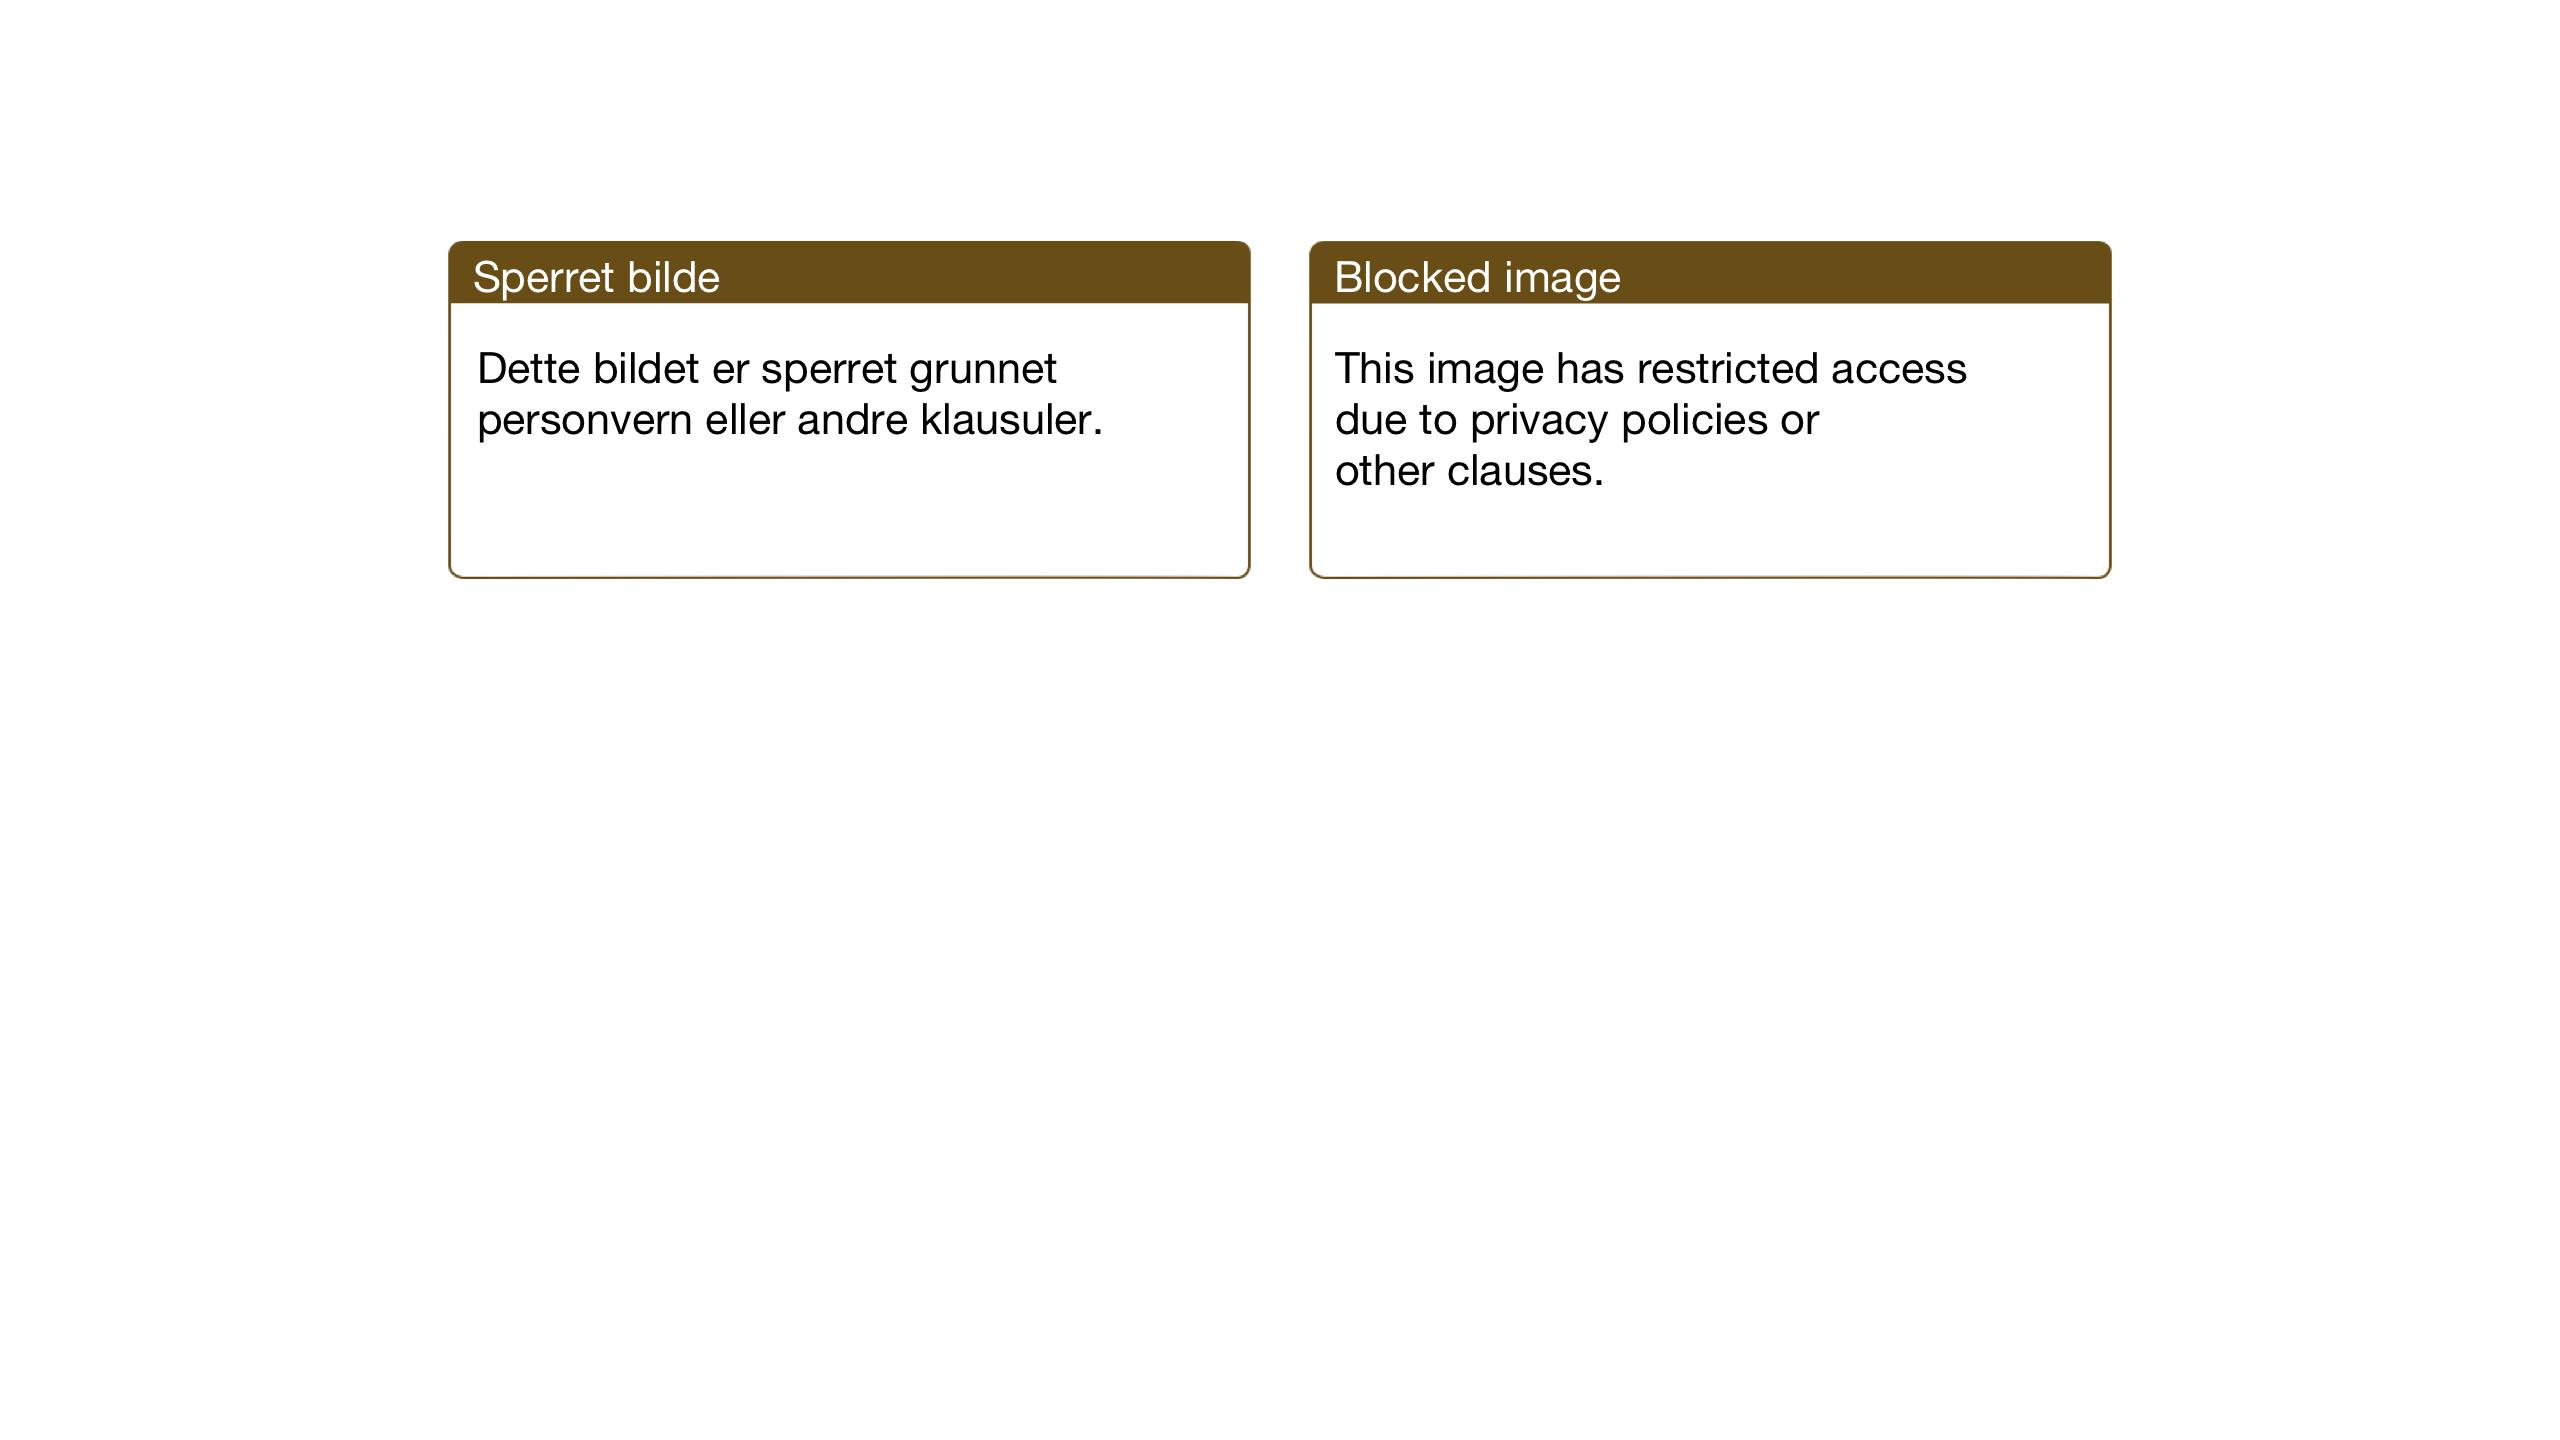 SAT, Ministerialprotokoller, klokkerbøker og fødselsregistre - Nord-Trøndelag, 740/L0384: Klokkerbok nr. 740C05, 1939-1946, s. 32